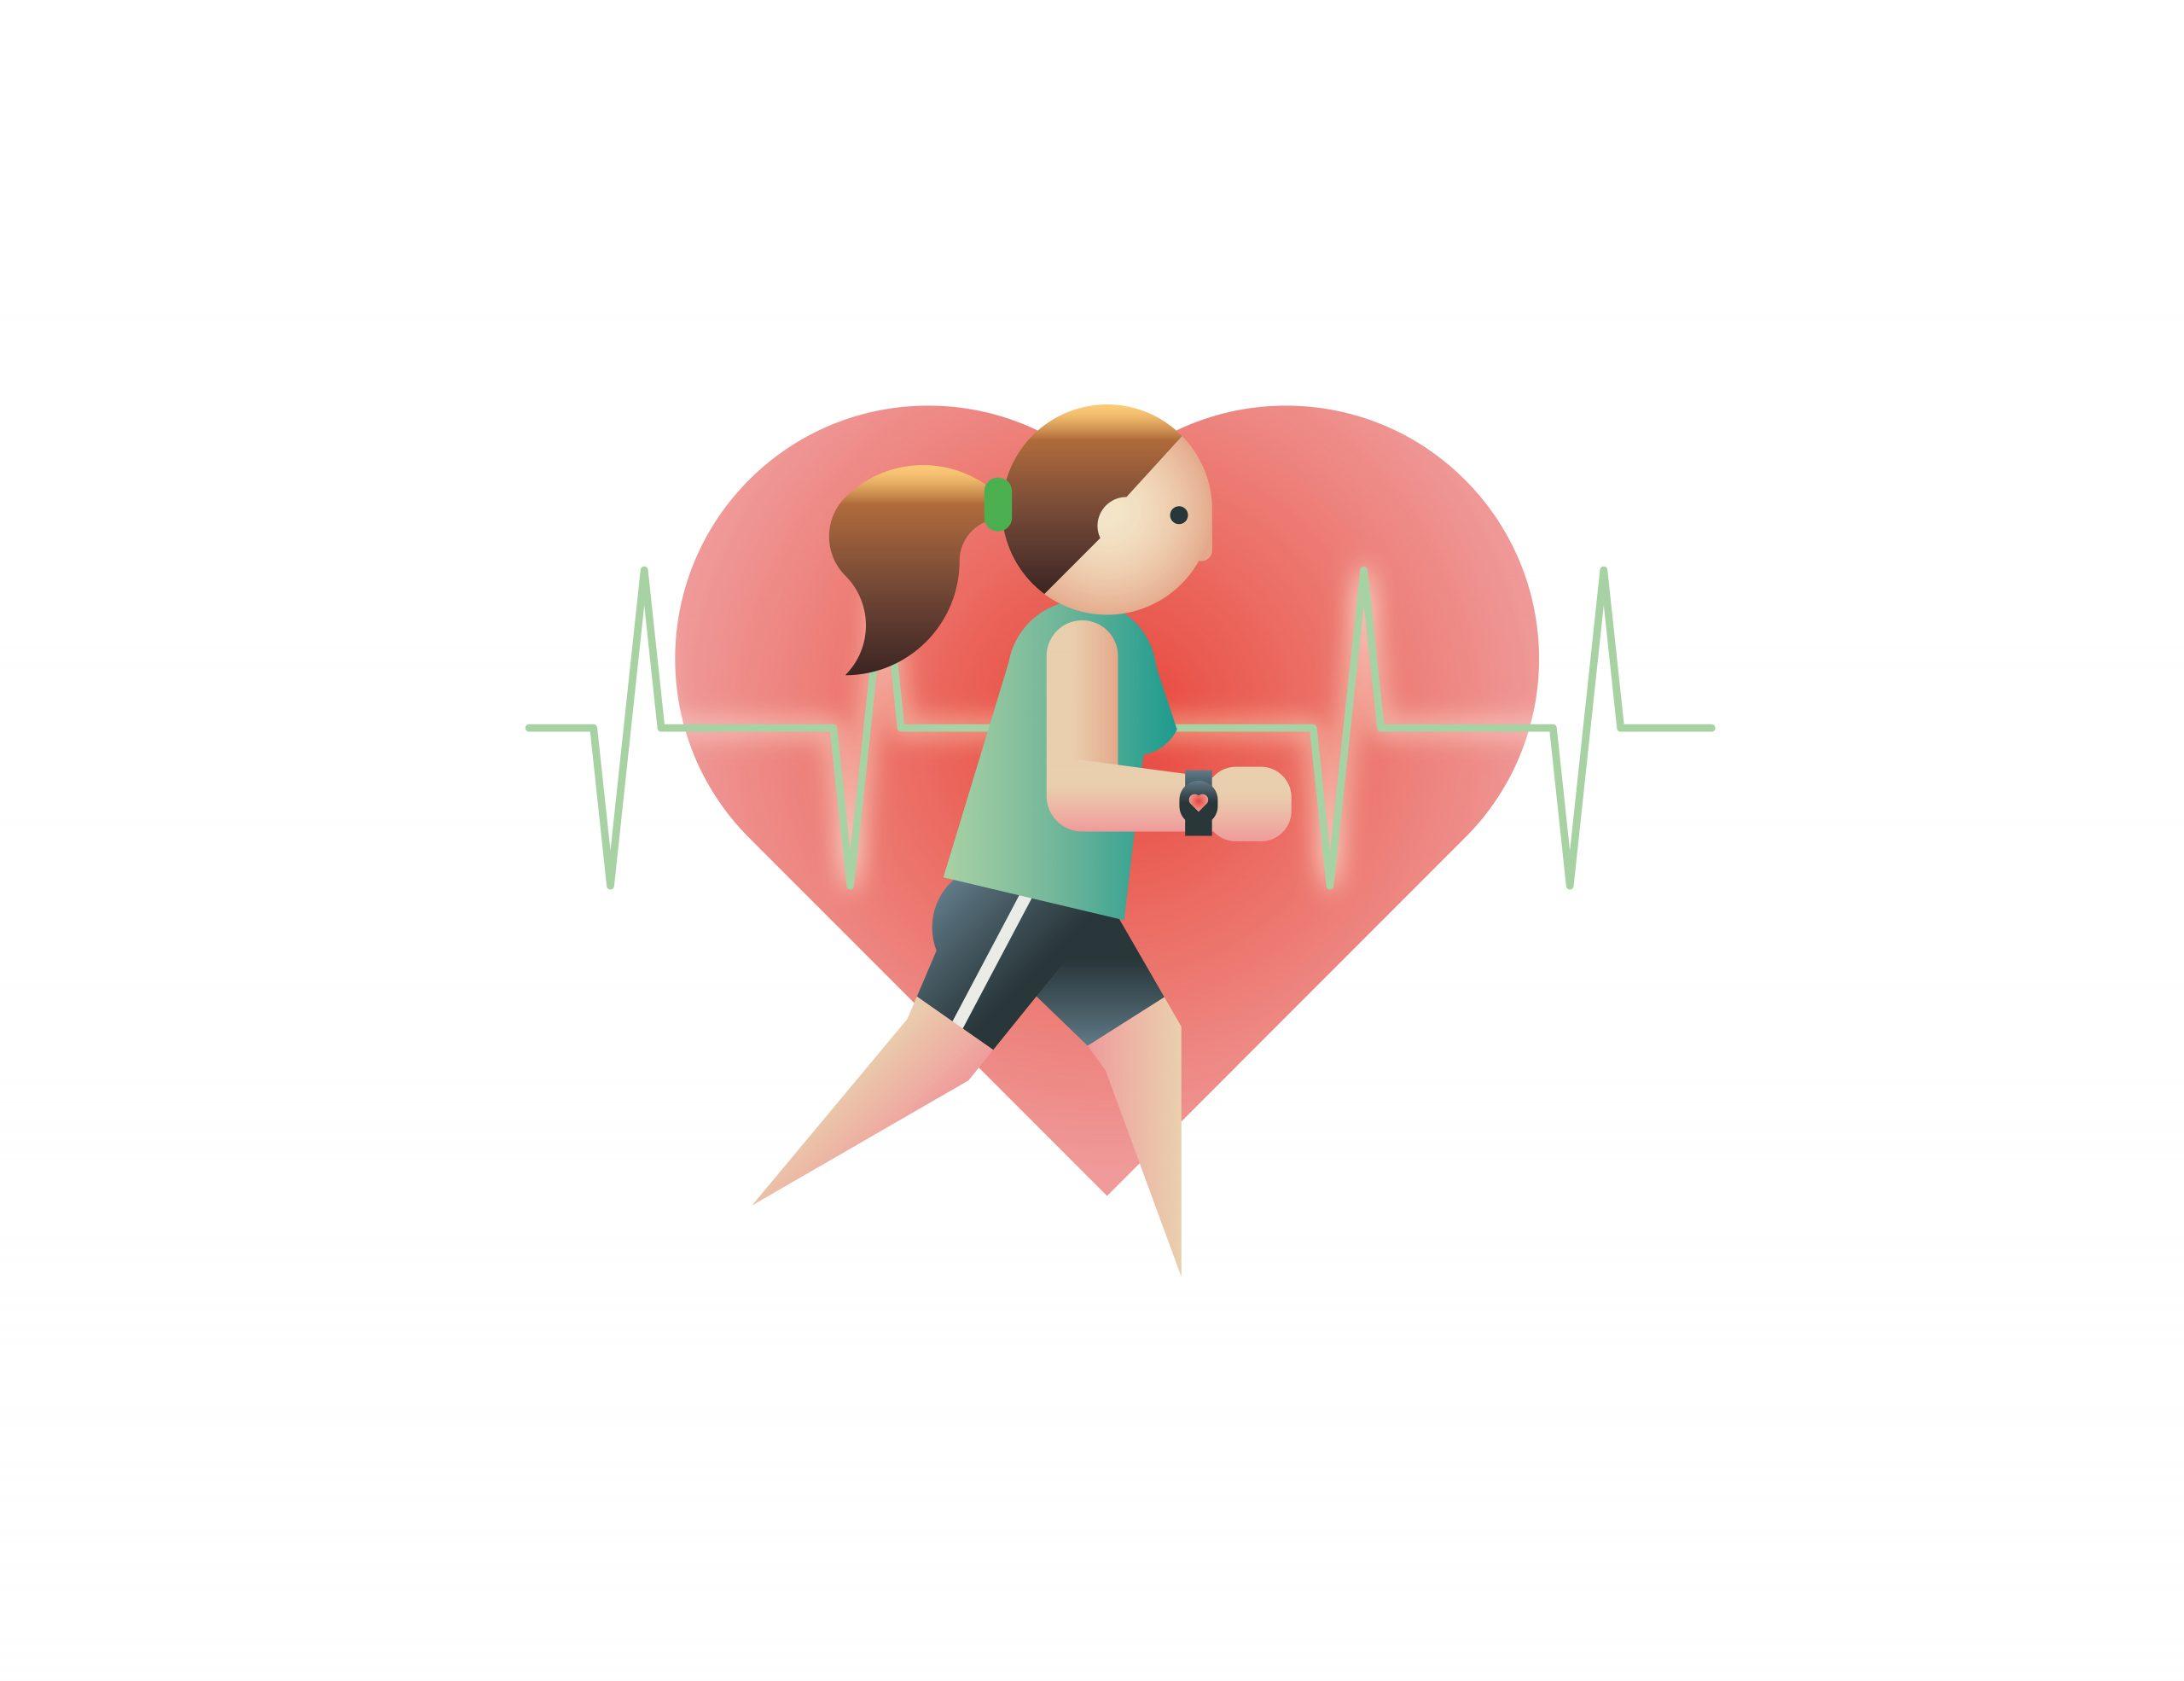 El corazón como indicador: así se entrena midiendo el pulso